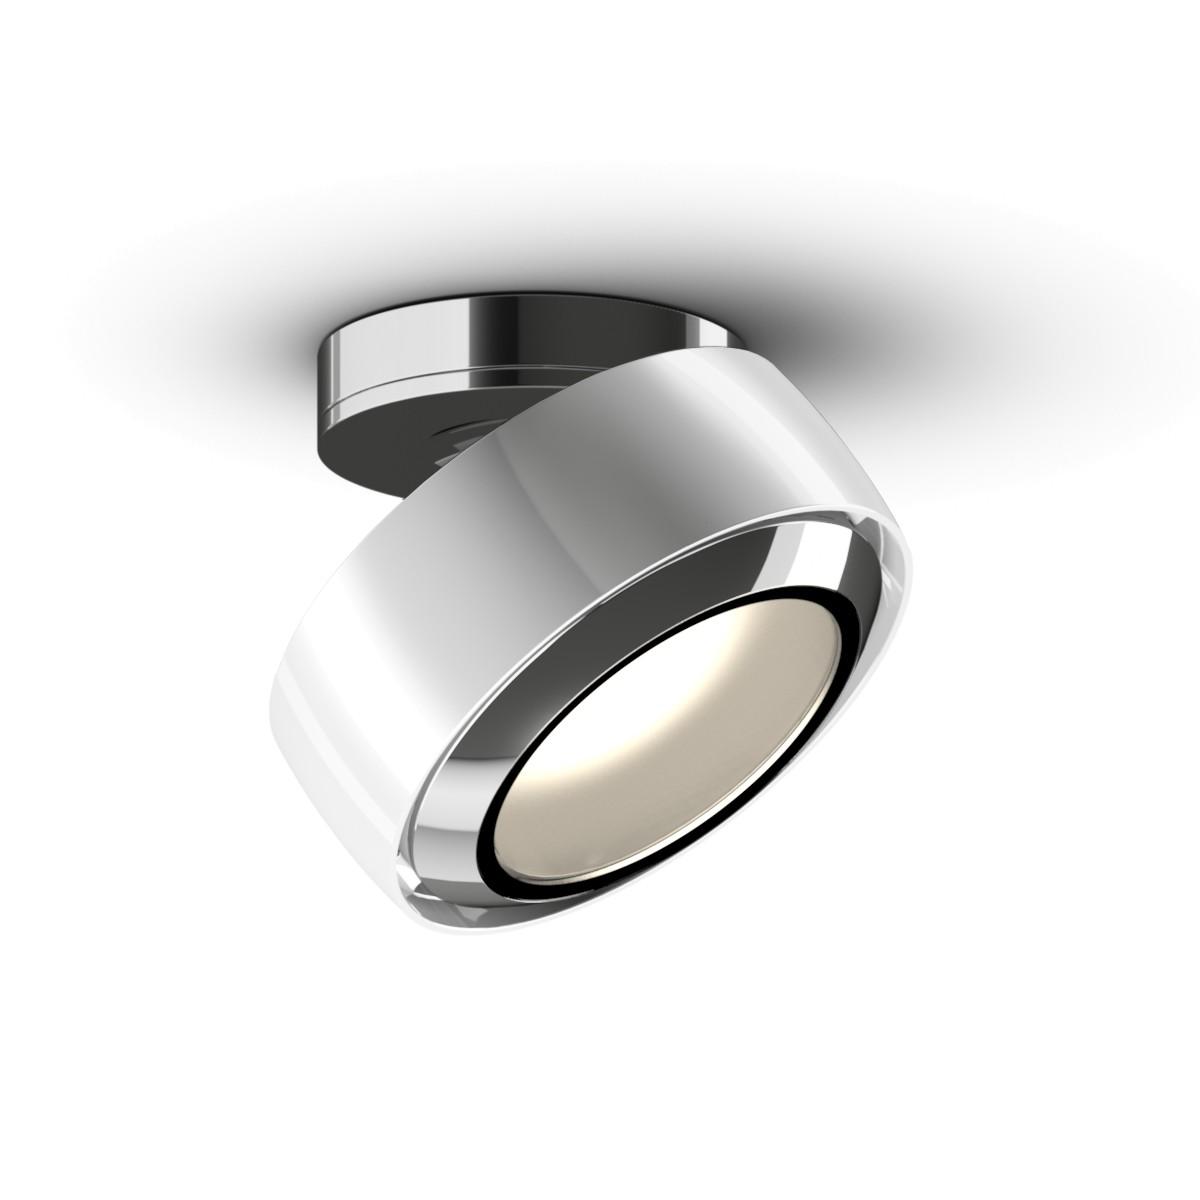 Occhio Più R alto Volt C80 Deckenstrahler, 2700 K, weiß glänzend / Chrom